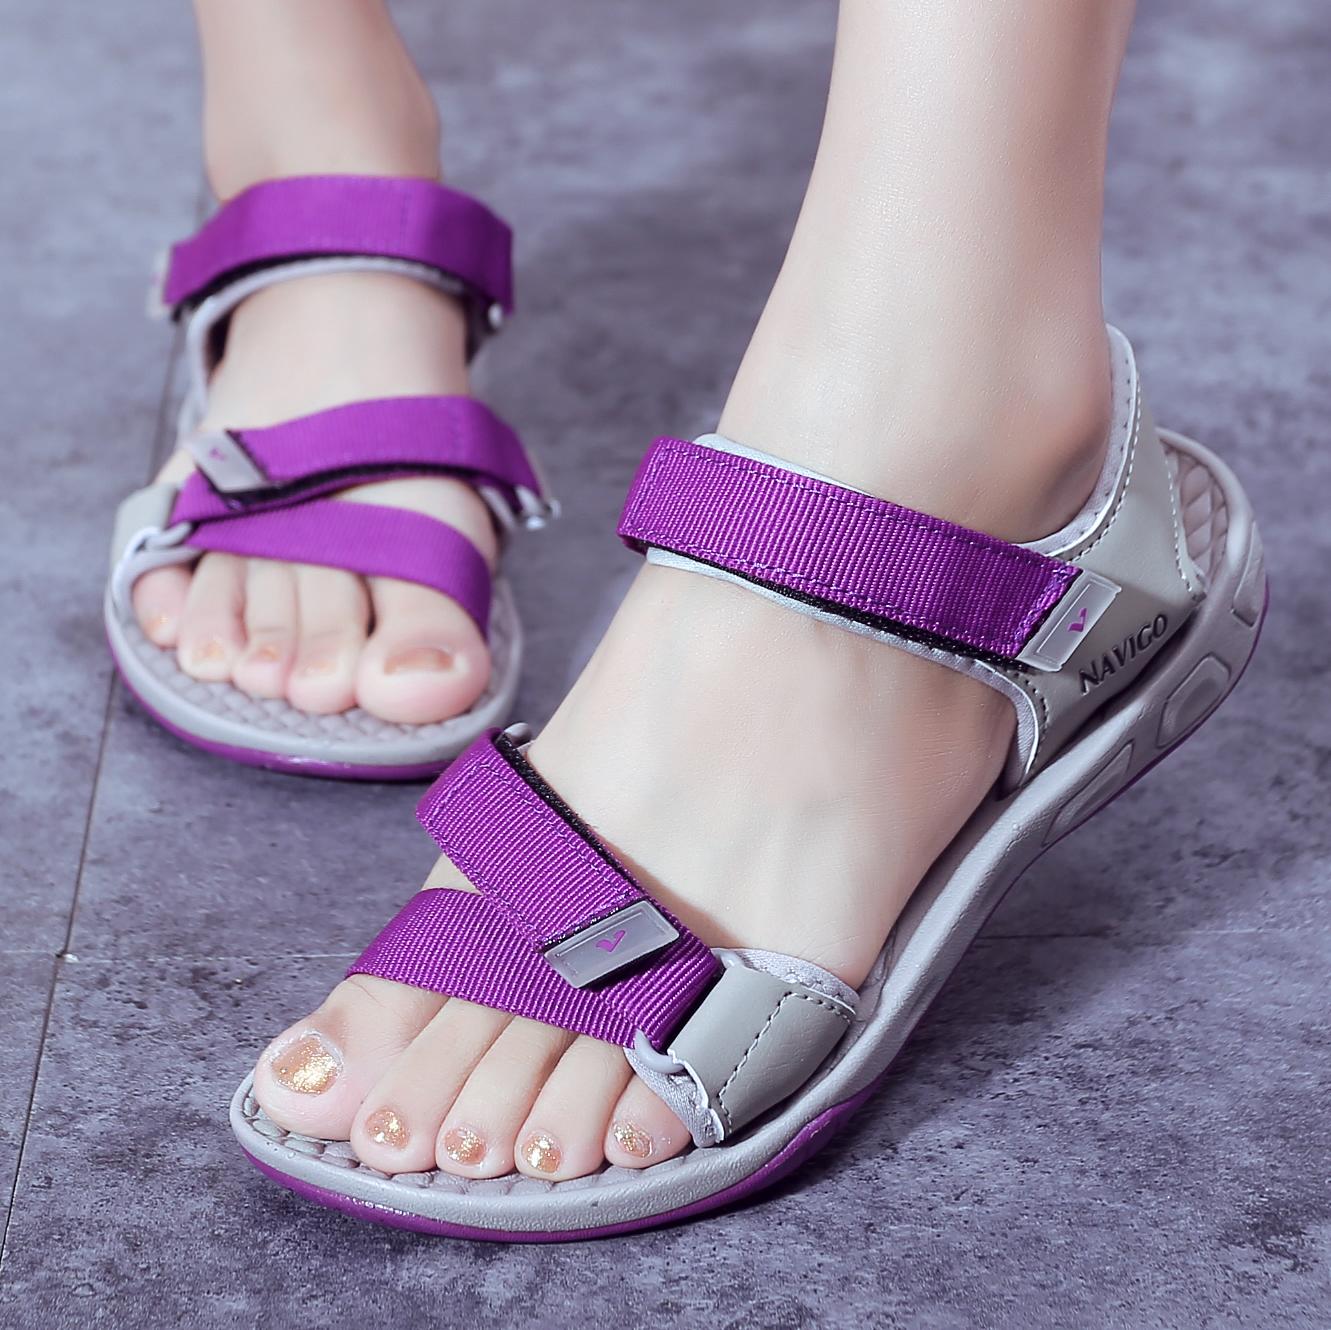 韩版凉鞋女士越南鞋时尚原宿休闲2017新款夏季罗马学生平跟沙滩鞋